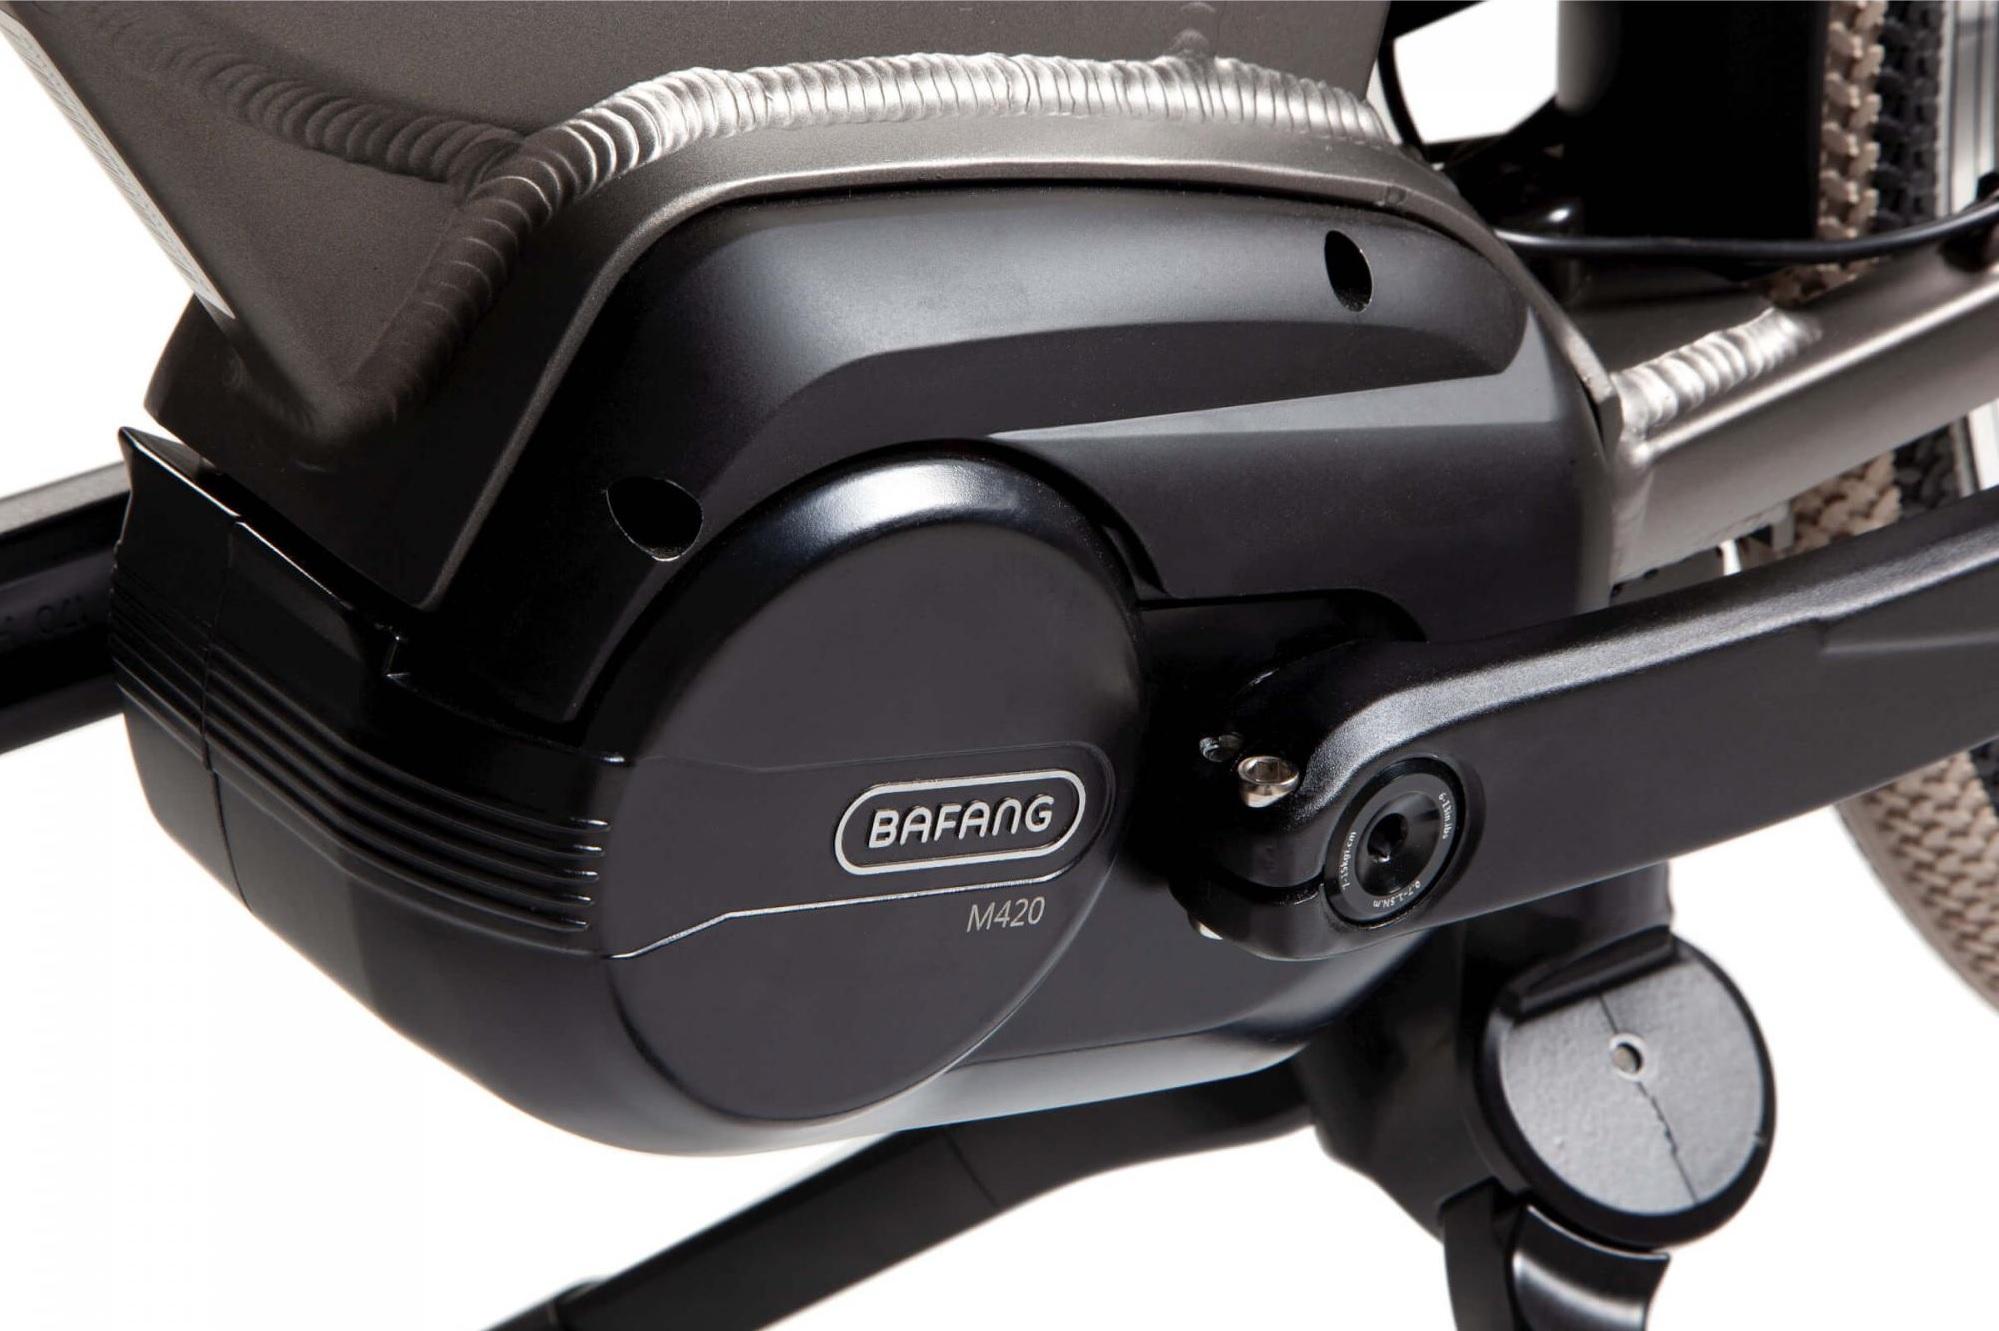 Bafang middenmotor van de Cortina E-common Family